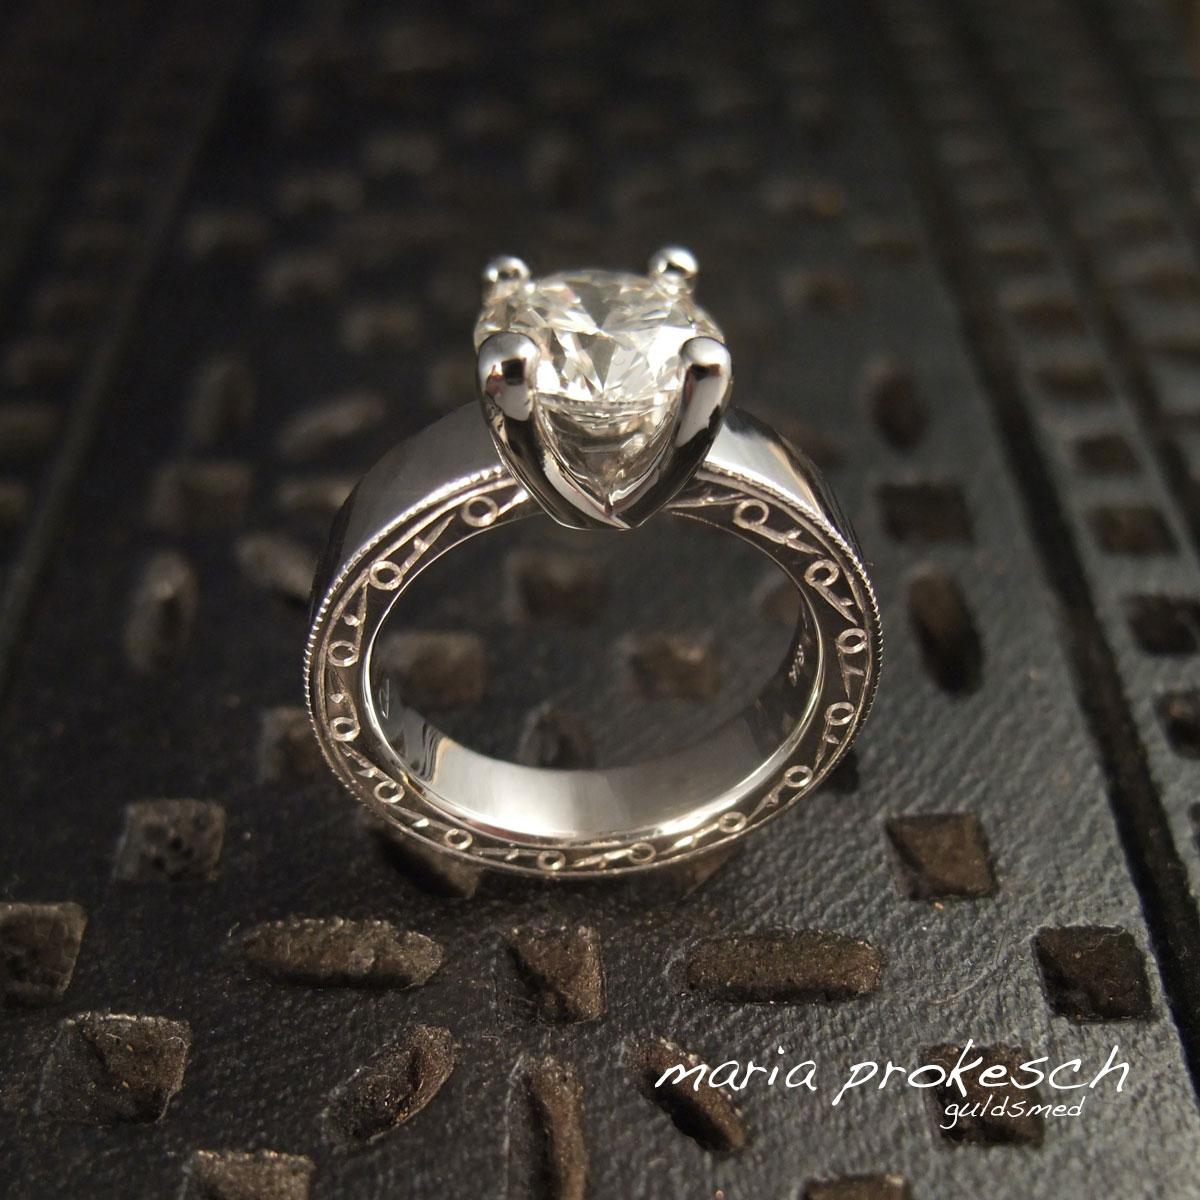 Eksklusiv hvidguldsring, solitairering. med en stor brillant i grabbefatning. Repercé graveringer på siden af ringen.